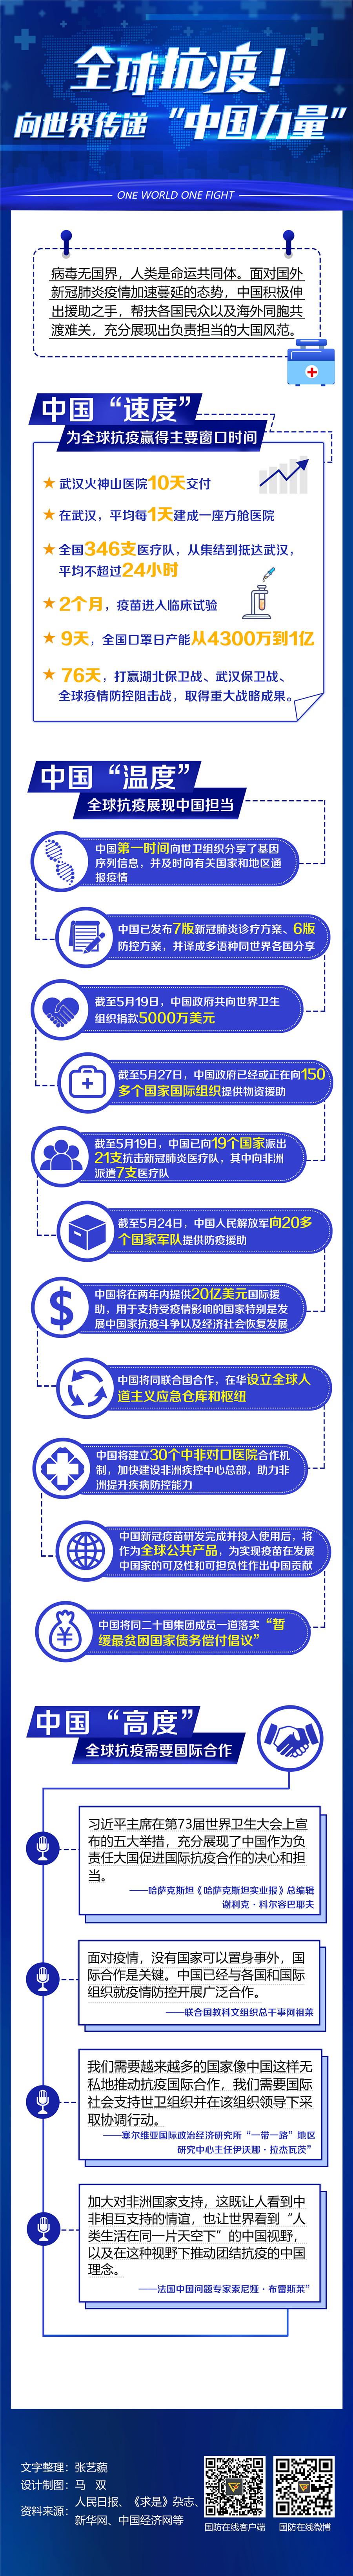 [摩天登录]全摩天登录球抗疫向世界传递中国图片